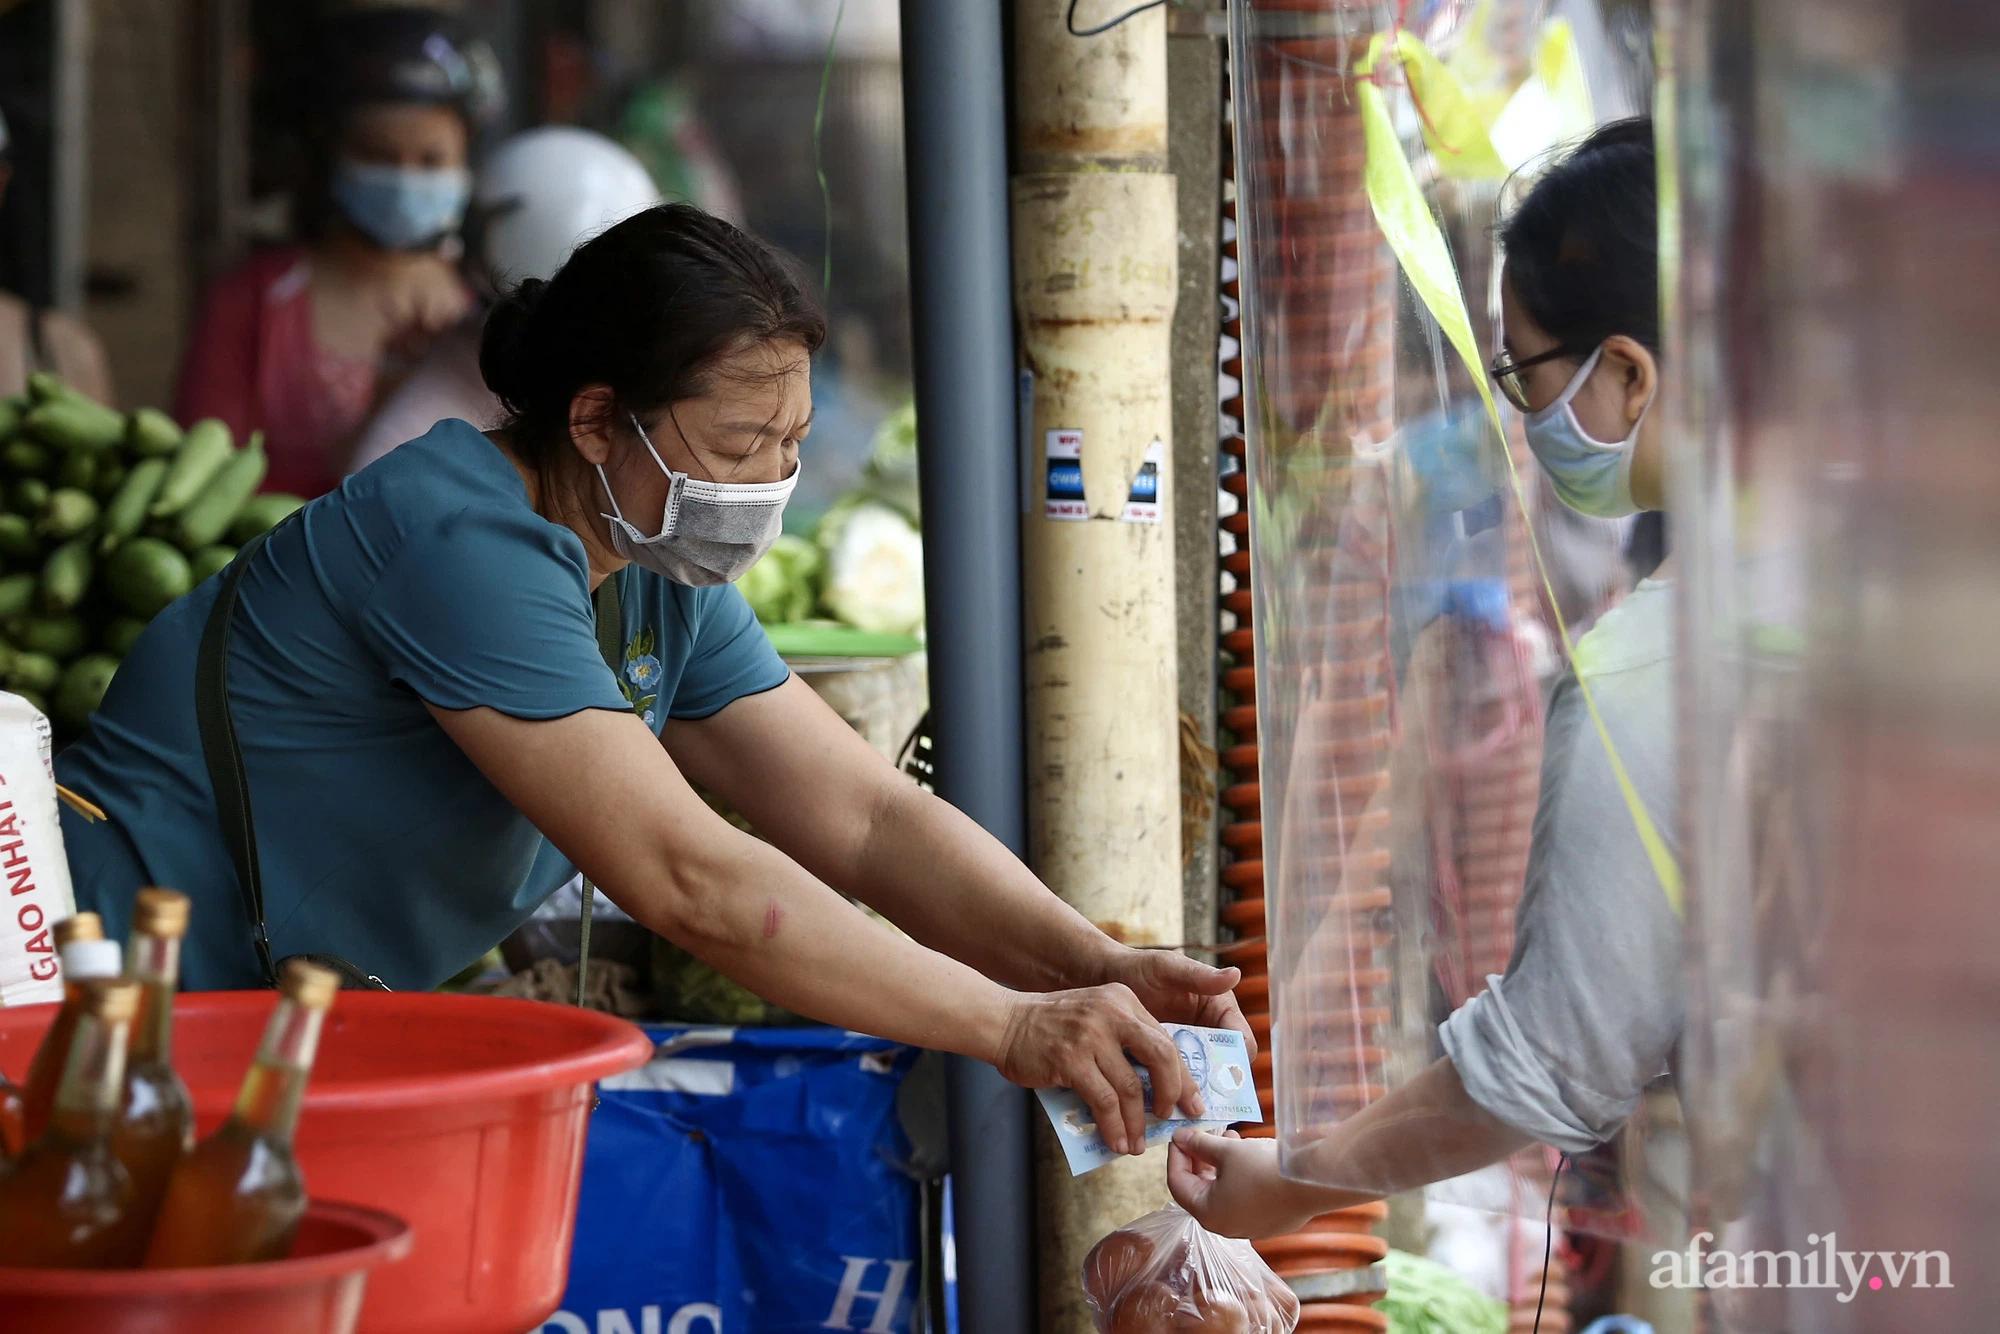 Ấn tượng với khu chợ dân sinh đầu tiên ở Hà Nội quây tấm nilon phòng dịch COVID-19, tiểu thương chia ca đứng bán theo ngày chẵn, lẻ - Ảnh 5.